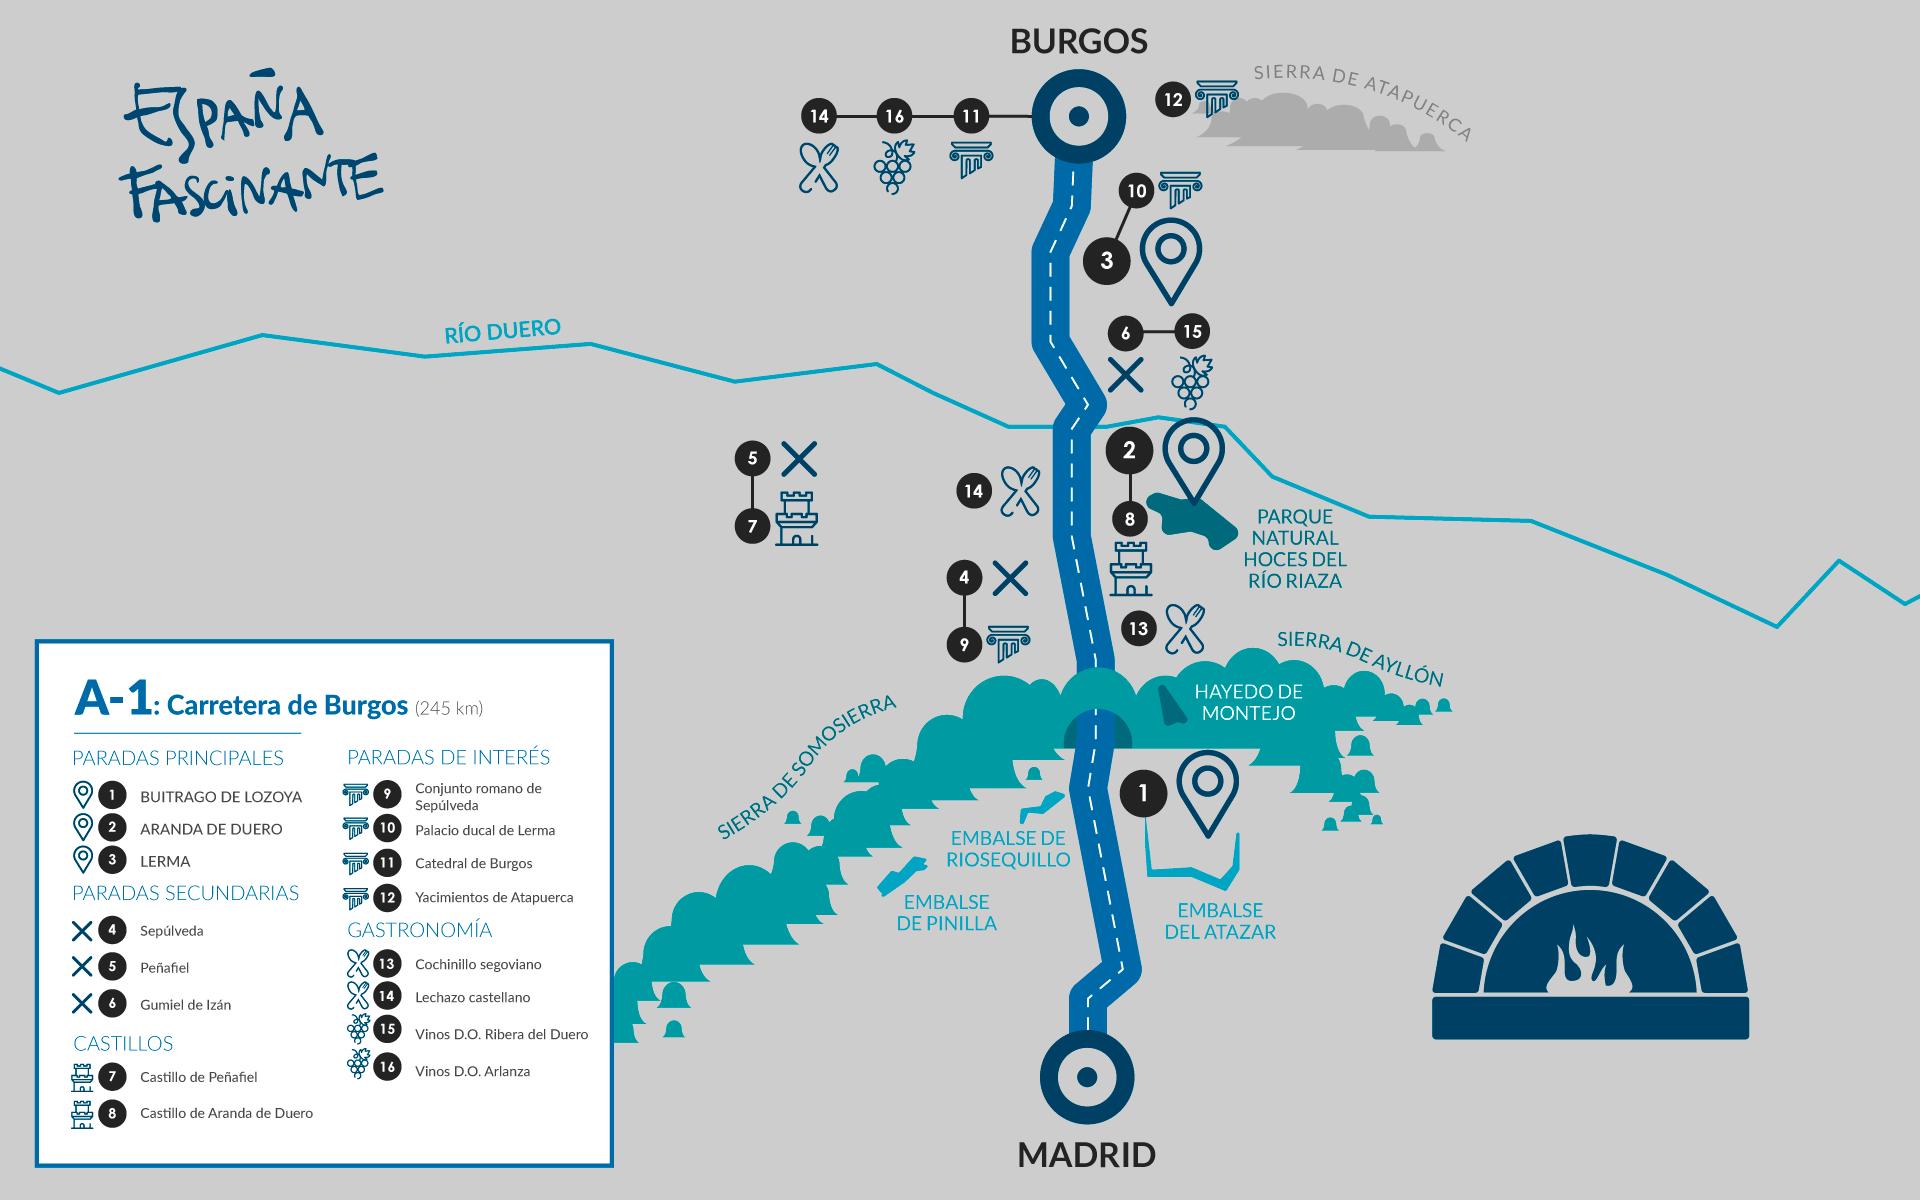 Mapa de lo mejor de la A-1, la carretera de Burgos